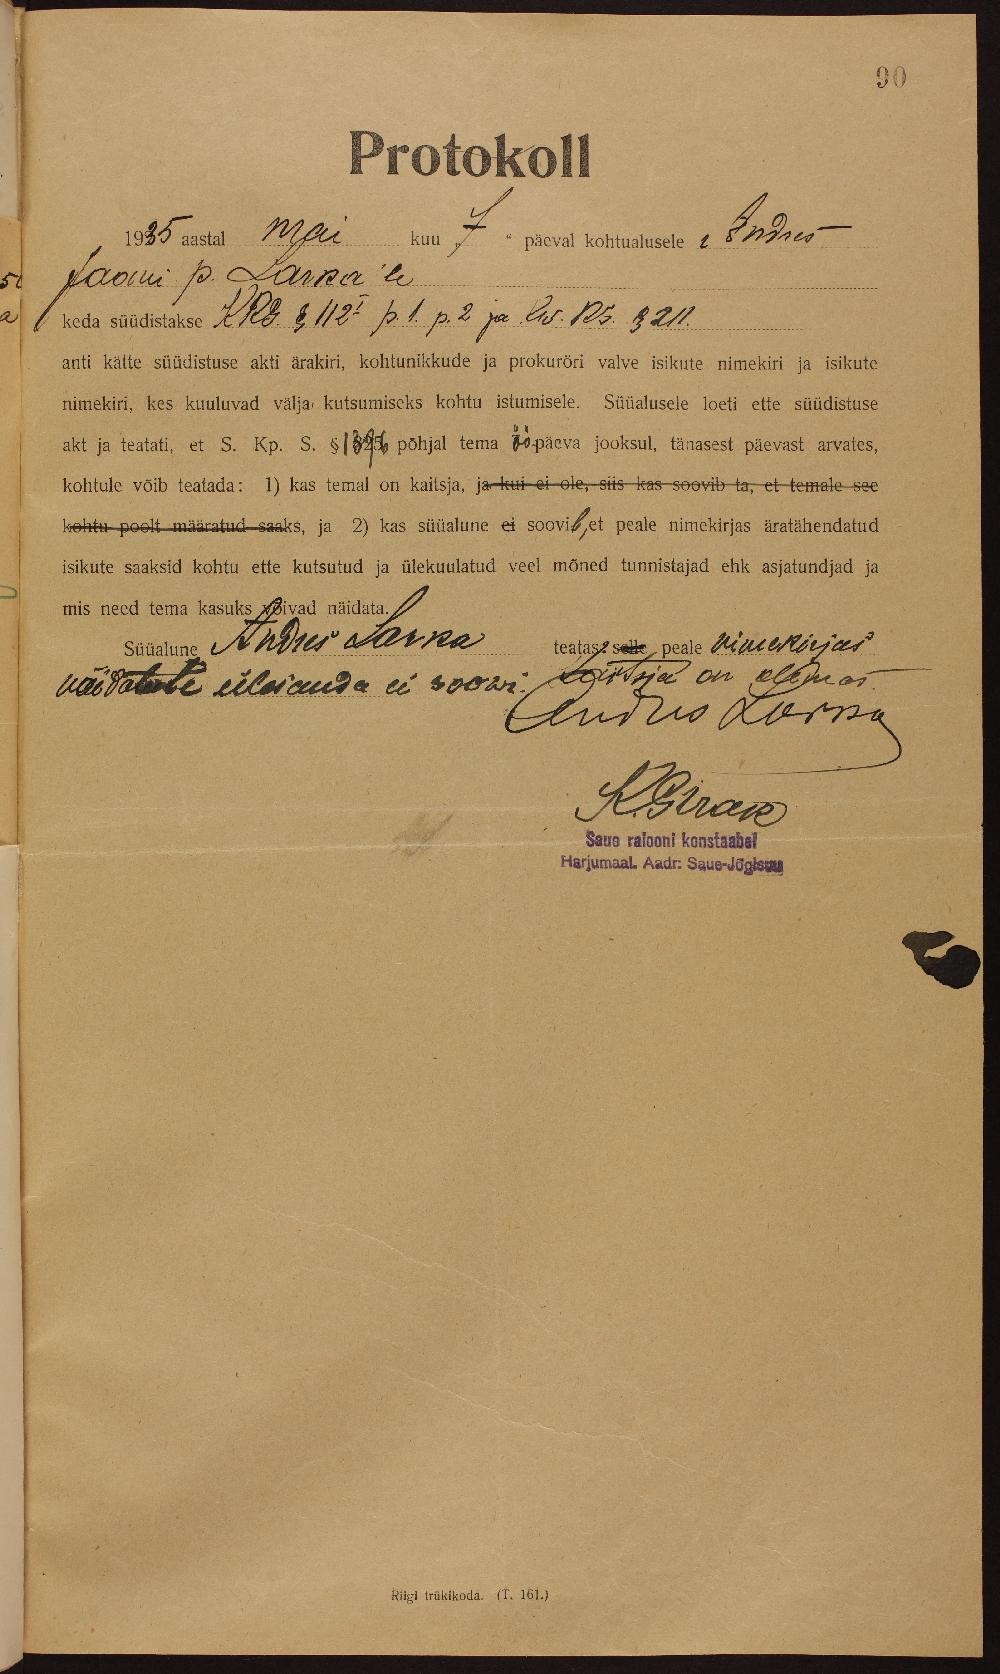 Andres Larka süüdistusest informeerimise protokoll. ERA.927.2.3